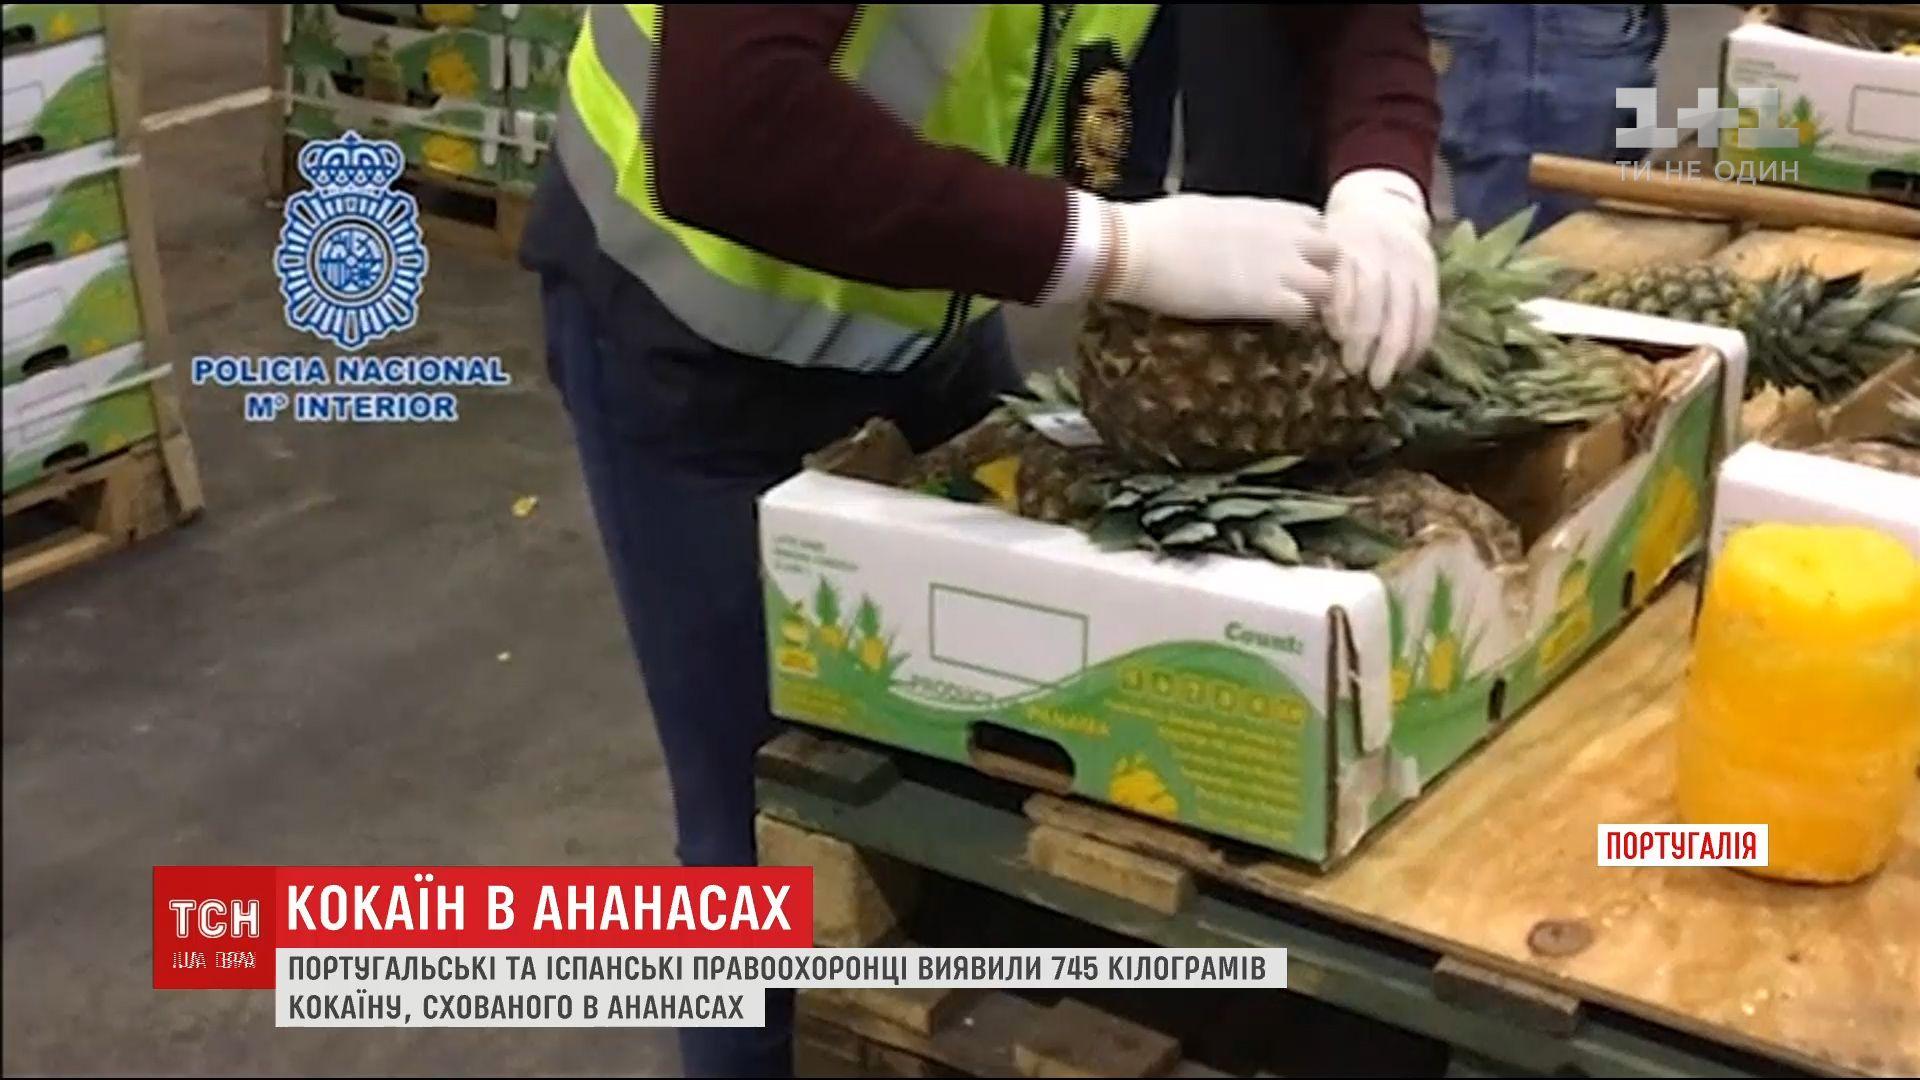 Колумбийский коктейль: изобретательные контрабандисты перевозили 745 кг кокаина в ананасах